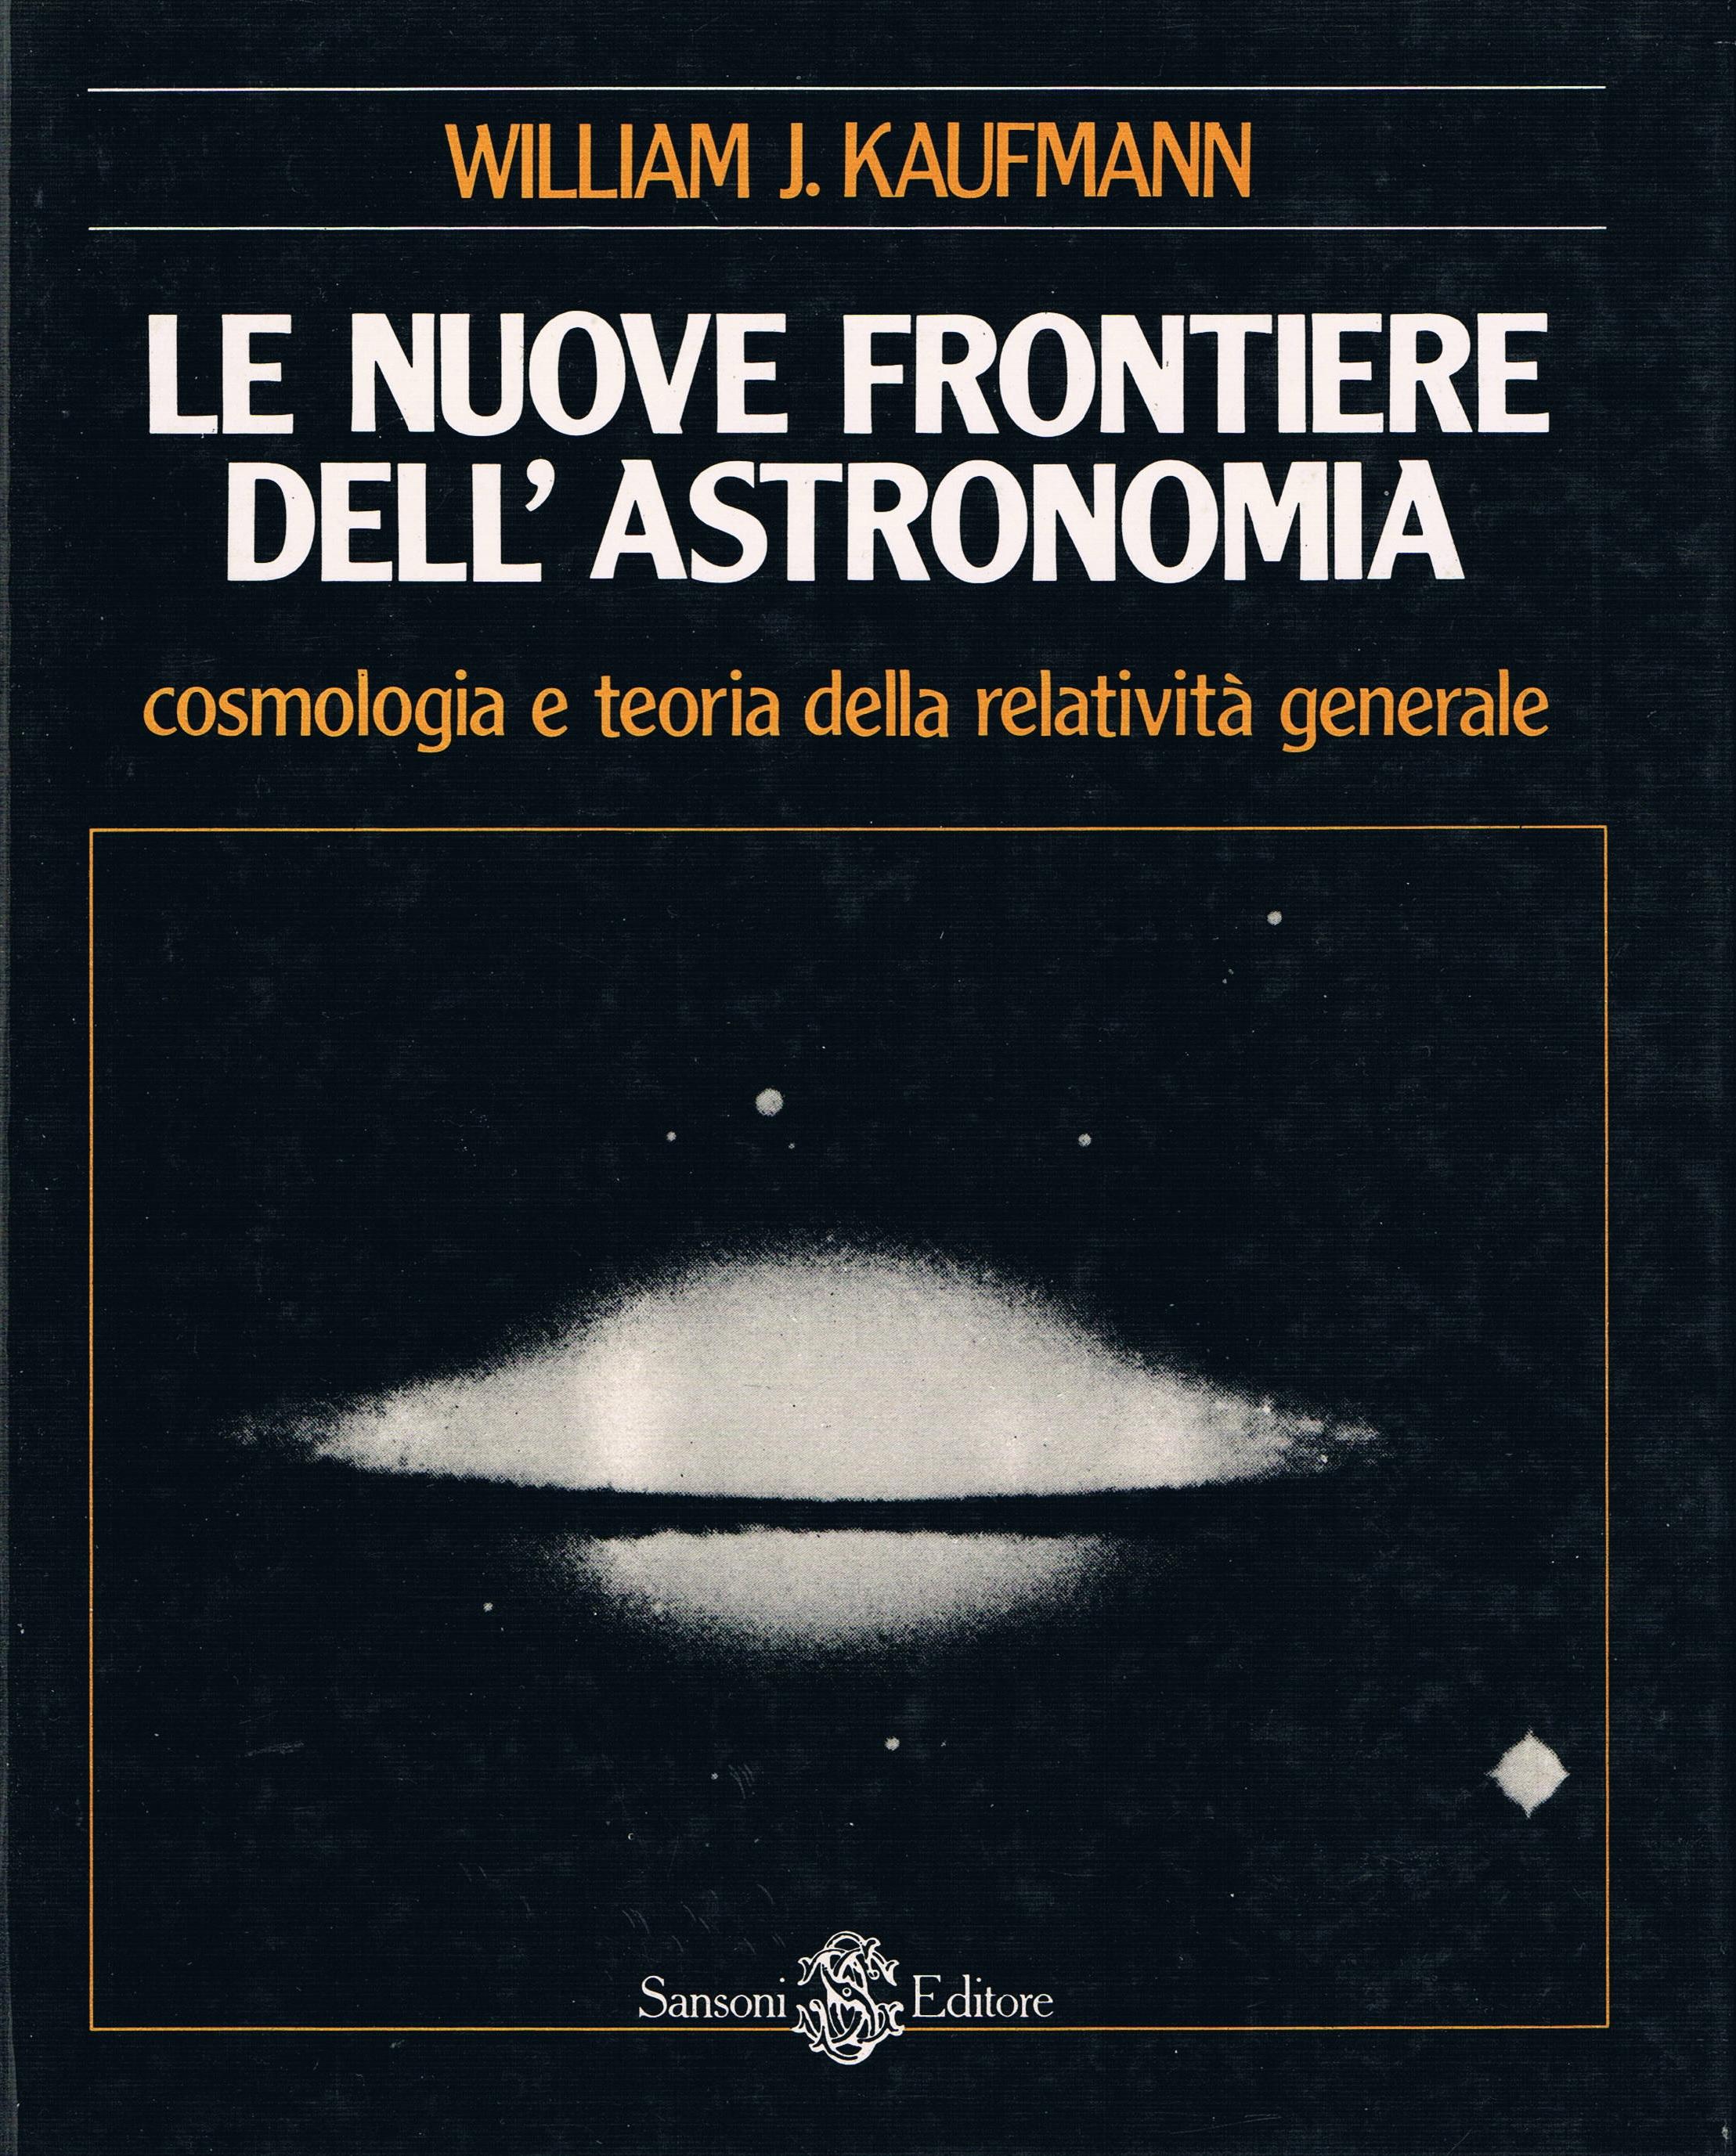 Le nuove frontiere dell'astronomia